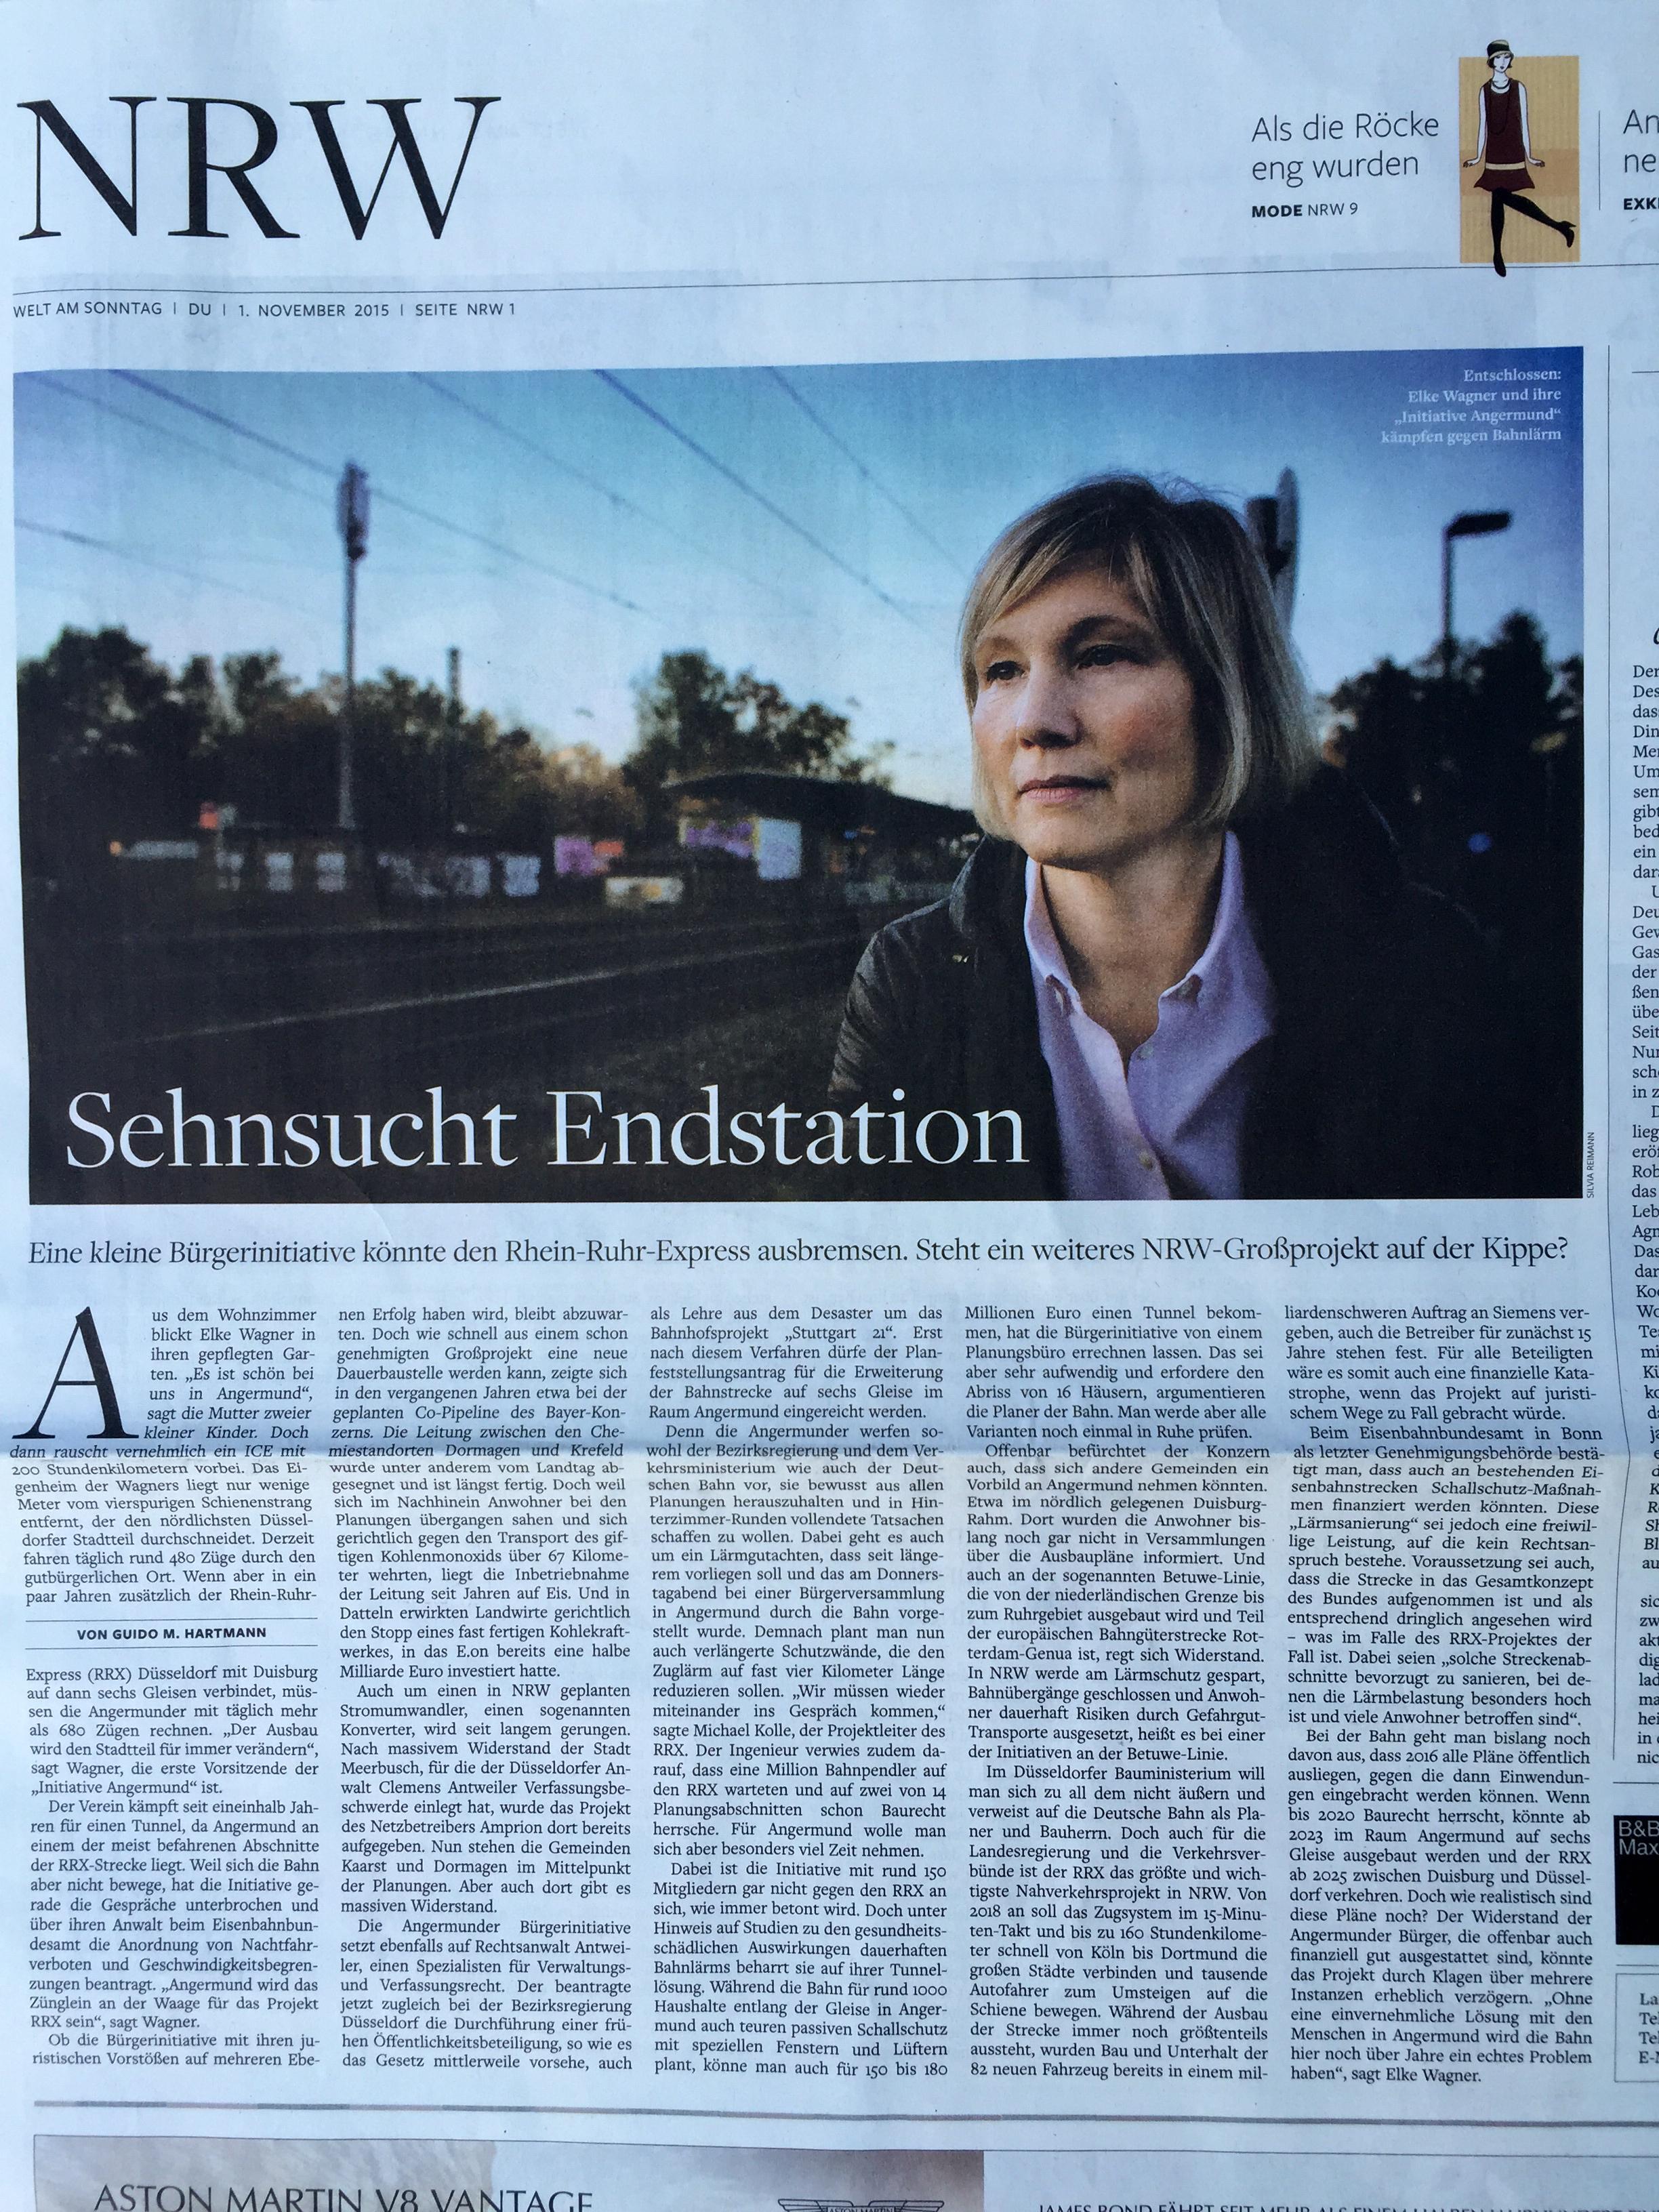 wams-zeitungsartikel-endstation-rrx-angermund-grossprojekt-hartmann-duesseldorf-nrw-groschek-betuwe-wagner-bahnhof-initiative-rhein-ruhr-express-sonntag